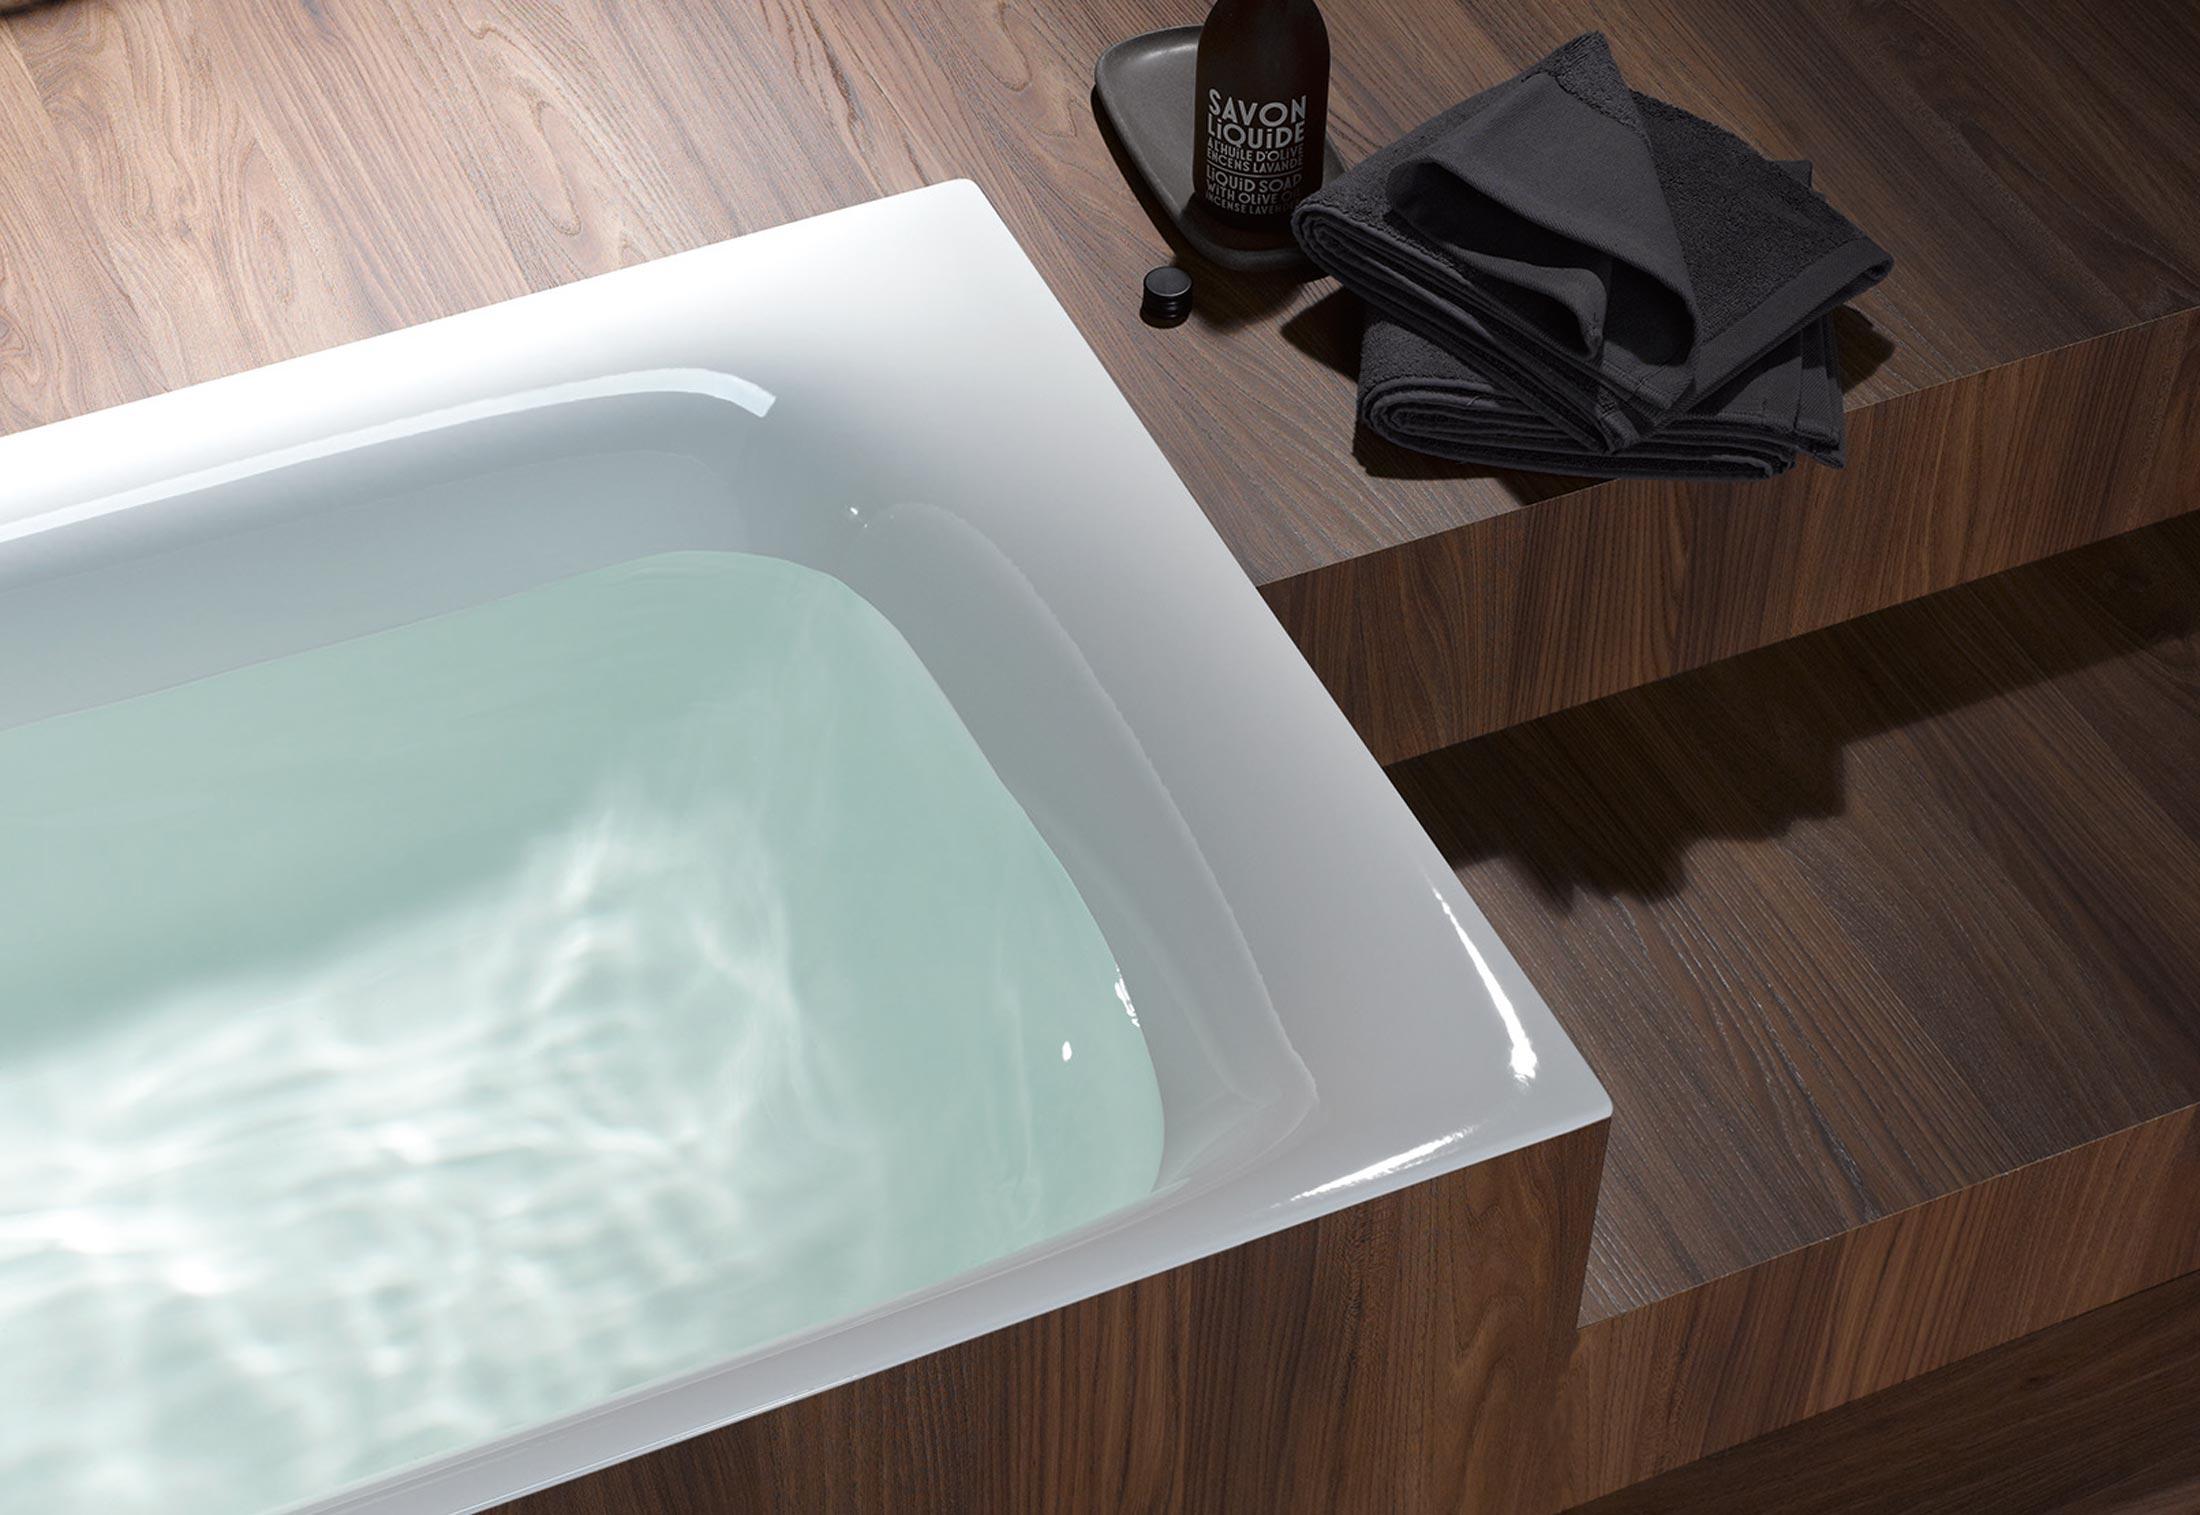 Badewannen Discount japanische badewanne badezimmer fliesen und putz bad japanische